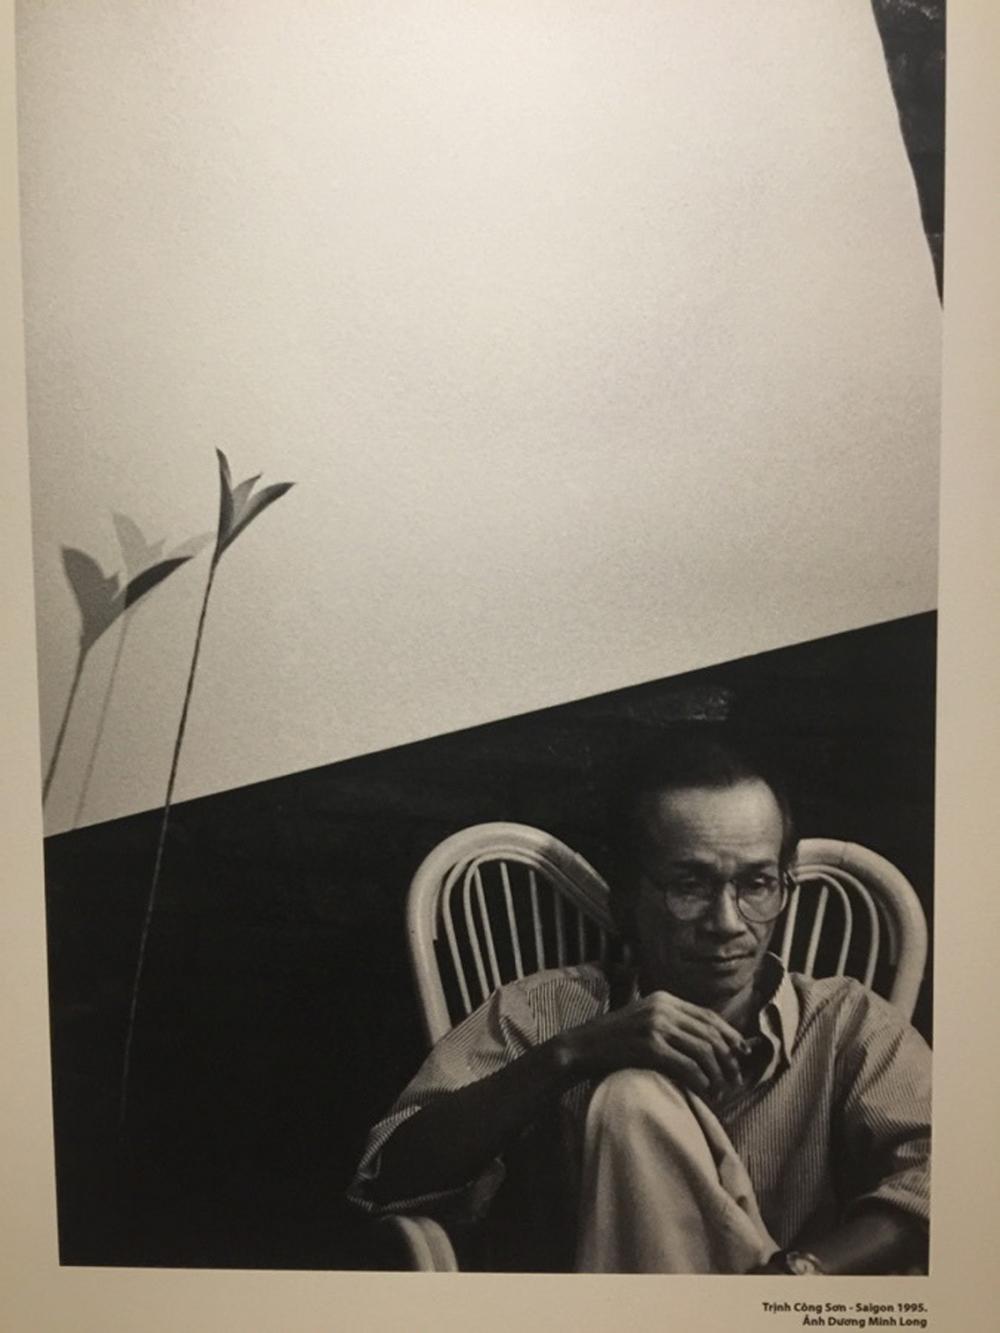 Những bức ảnh tư liệu của nhạc sĩ Trịnh Công Sơn được nghệ sĩ nhiếp ảnh Dương Minh Long gìn giữ suốt 26 năm qua